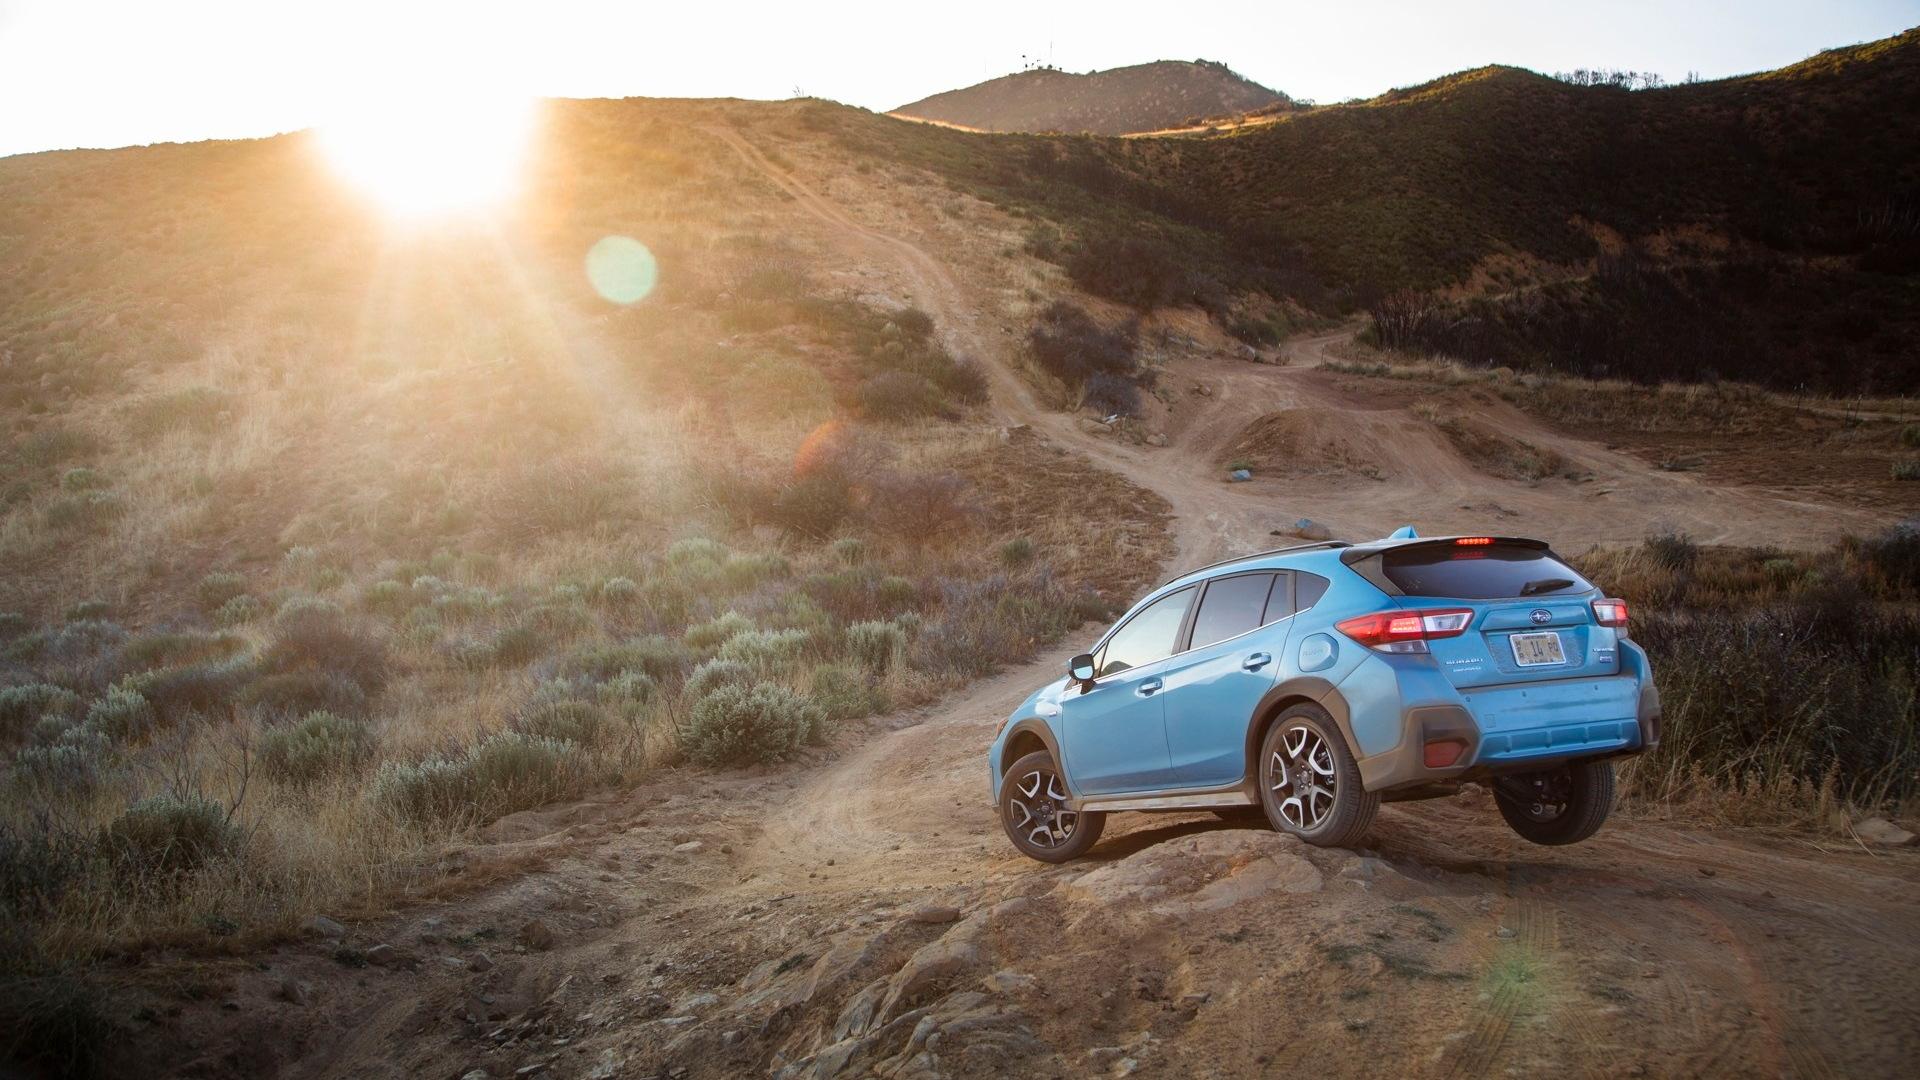 2019 Subaru Crosstrek Hybrid: First drive of 17-mile, 35-mpg plug-in